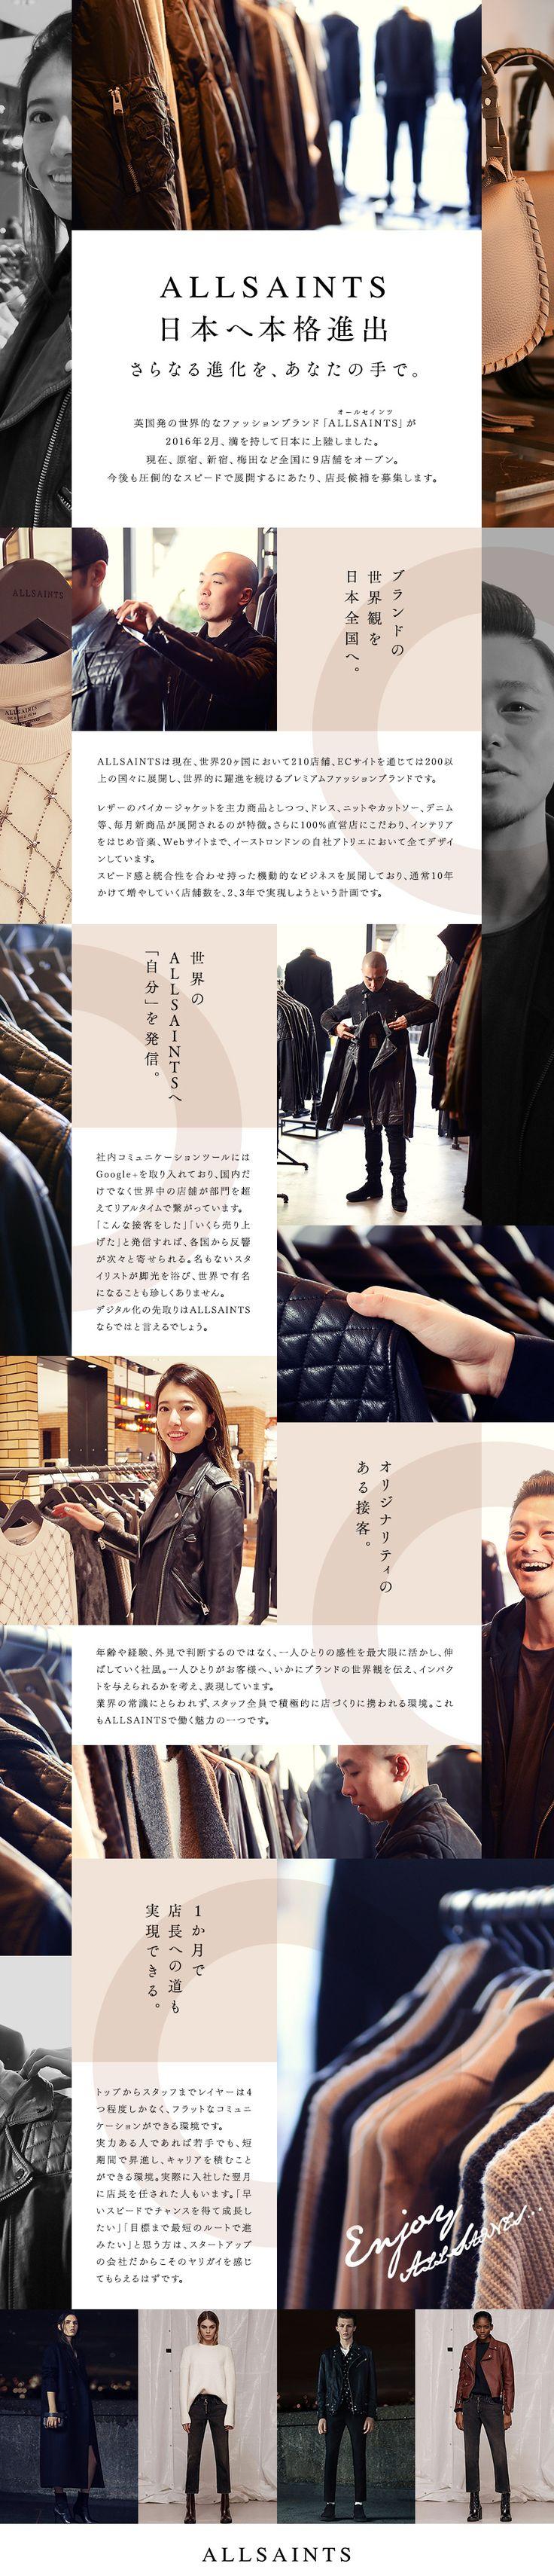 ALLSAINTS JAPAN求人【求人関連関連】のLPデザイン。WEBデザイナーさん必見!ランディングページのデザイン参考に(シンプル系)